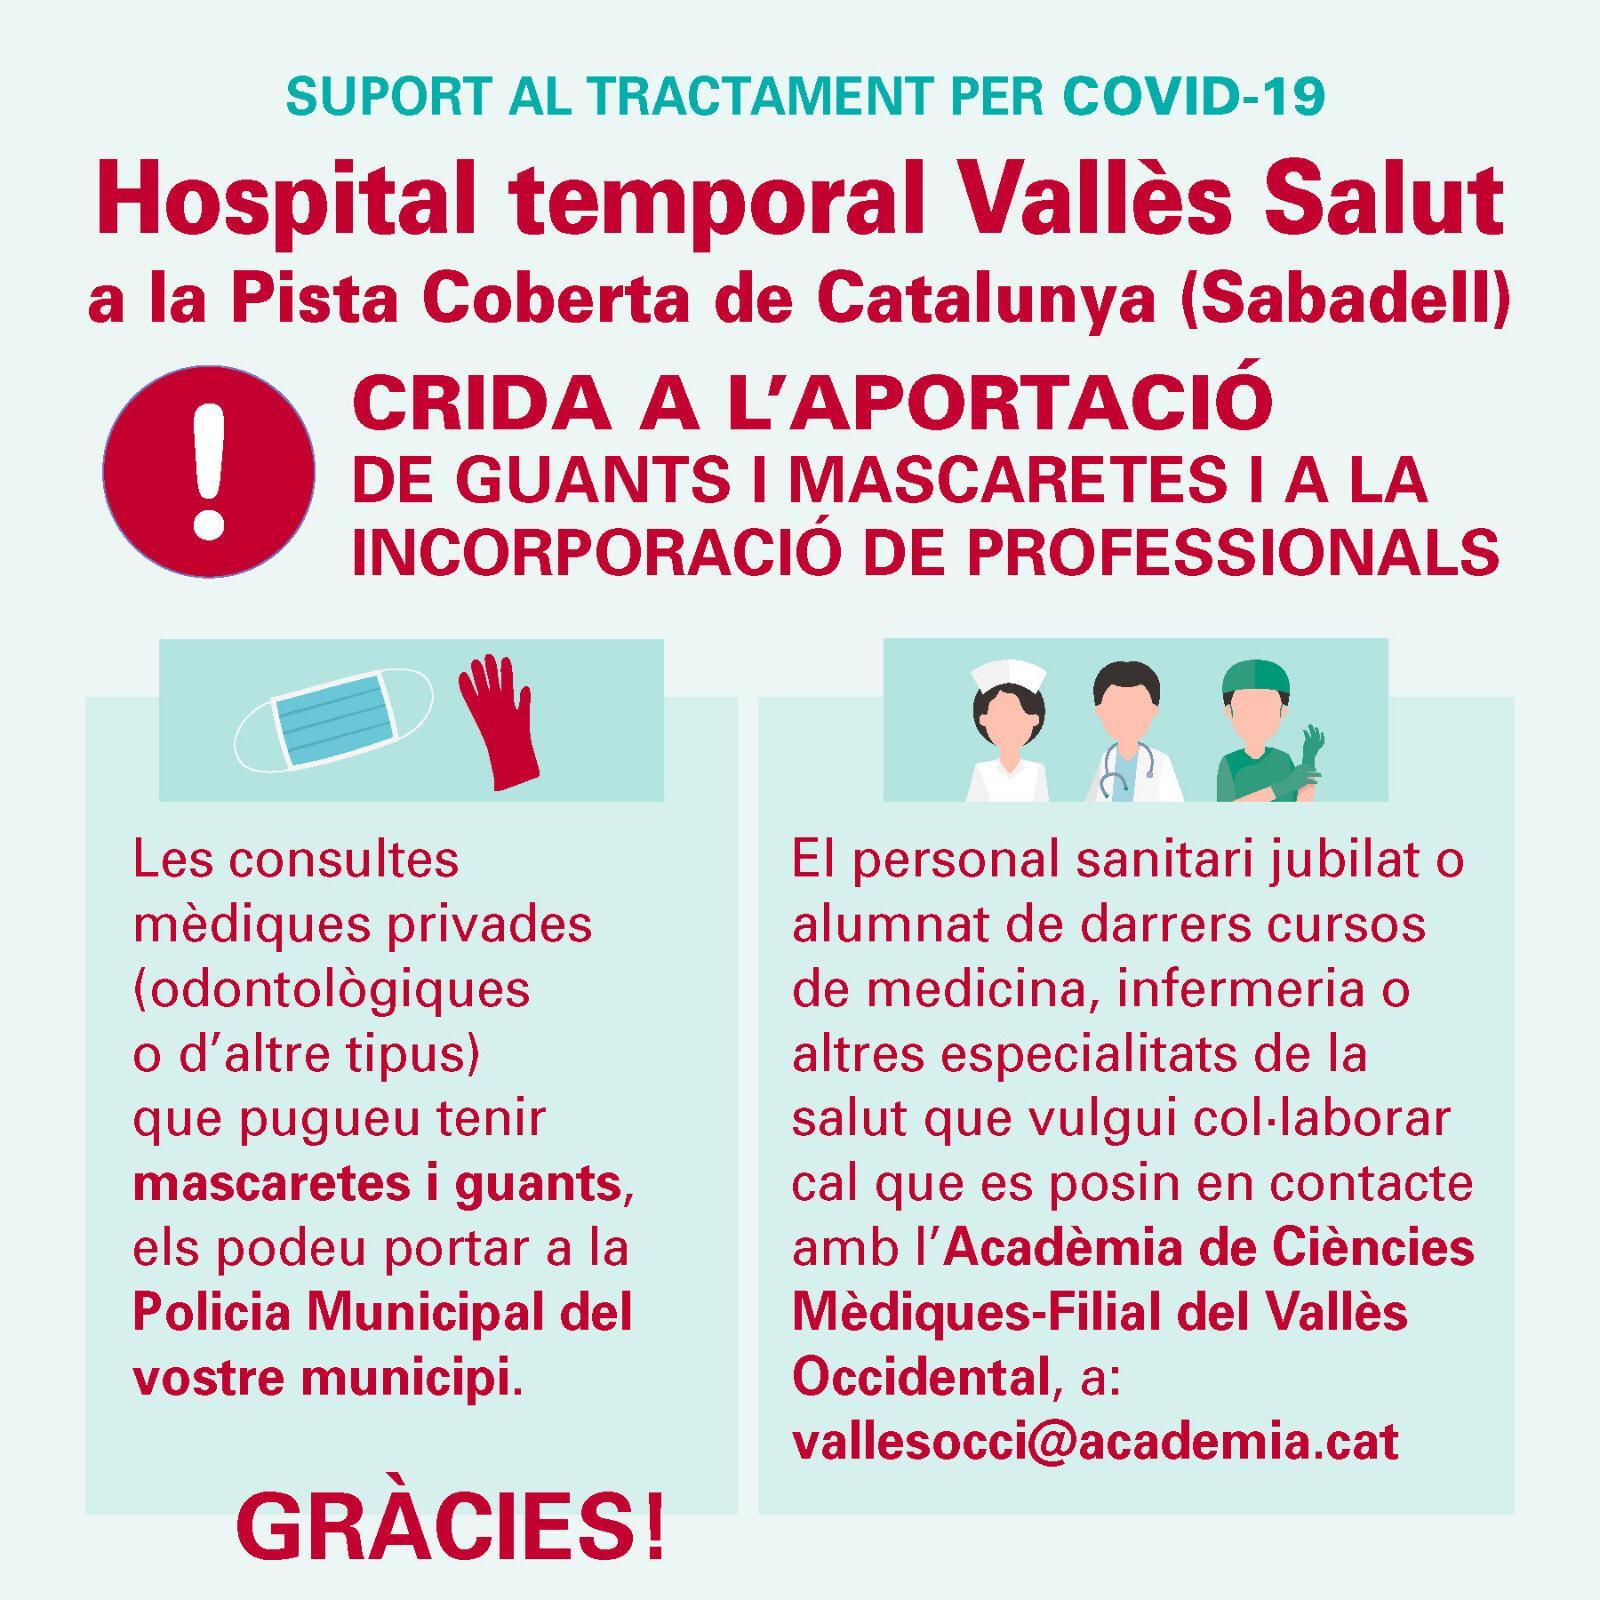 Instruccions per subministrar a l'Hospital temporal Vallès Salut